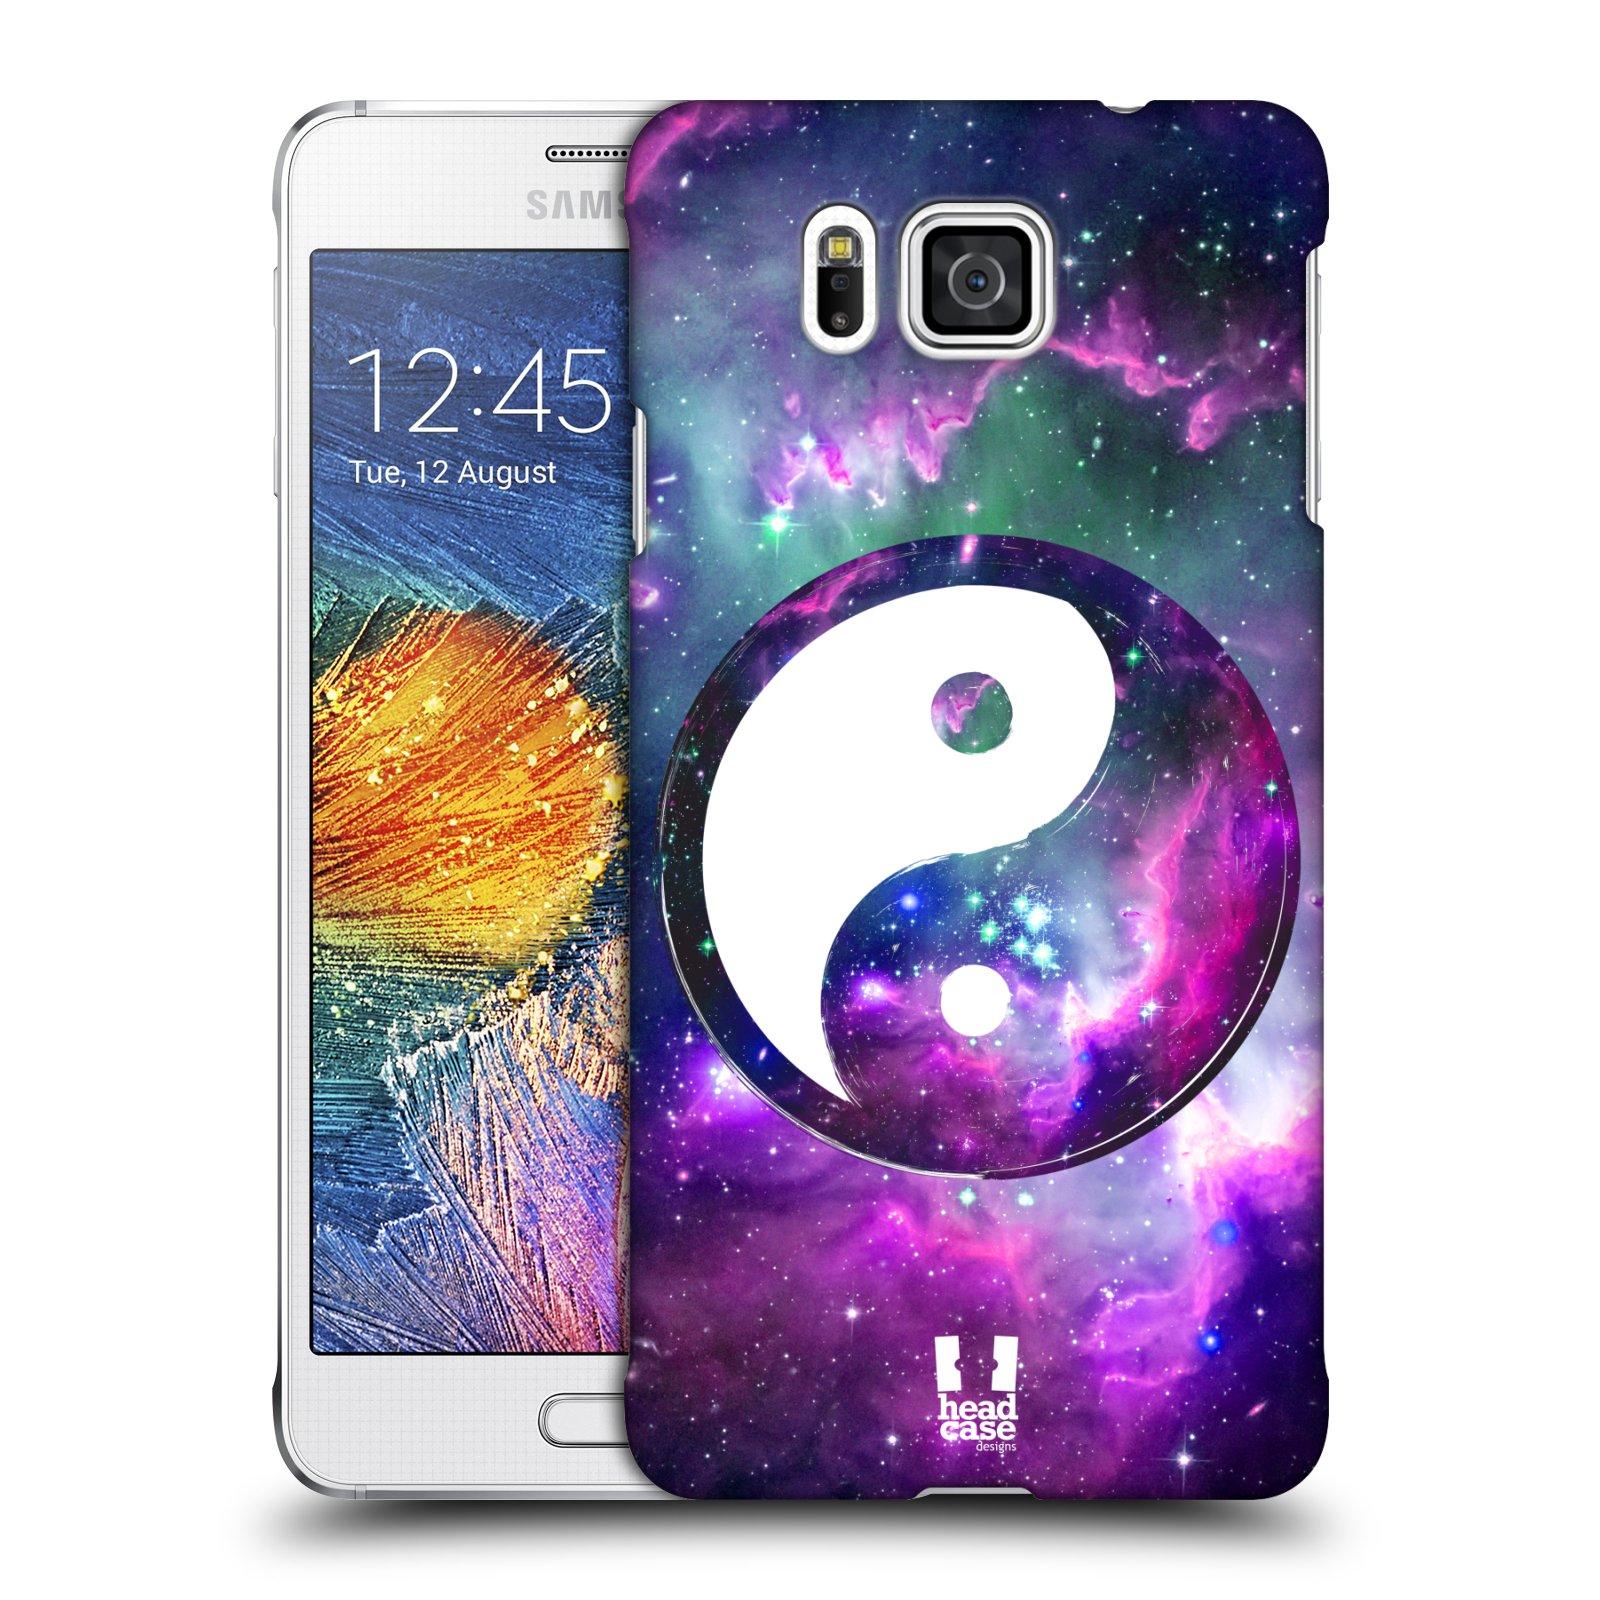 Plastové pouzdro na mobil Samsung Galaxy Alpha HEAD CASE Yin a Yang PURPLE (Kryt či obal na mobilní telefon Samsung Galaxy Alpha SM-G850)